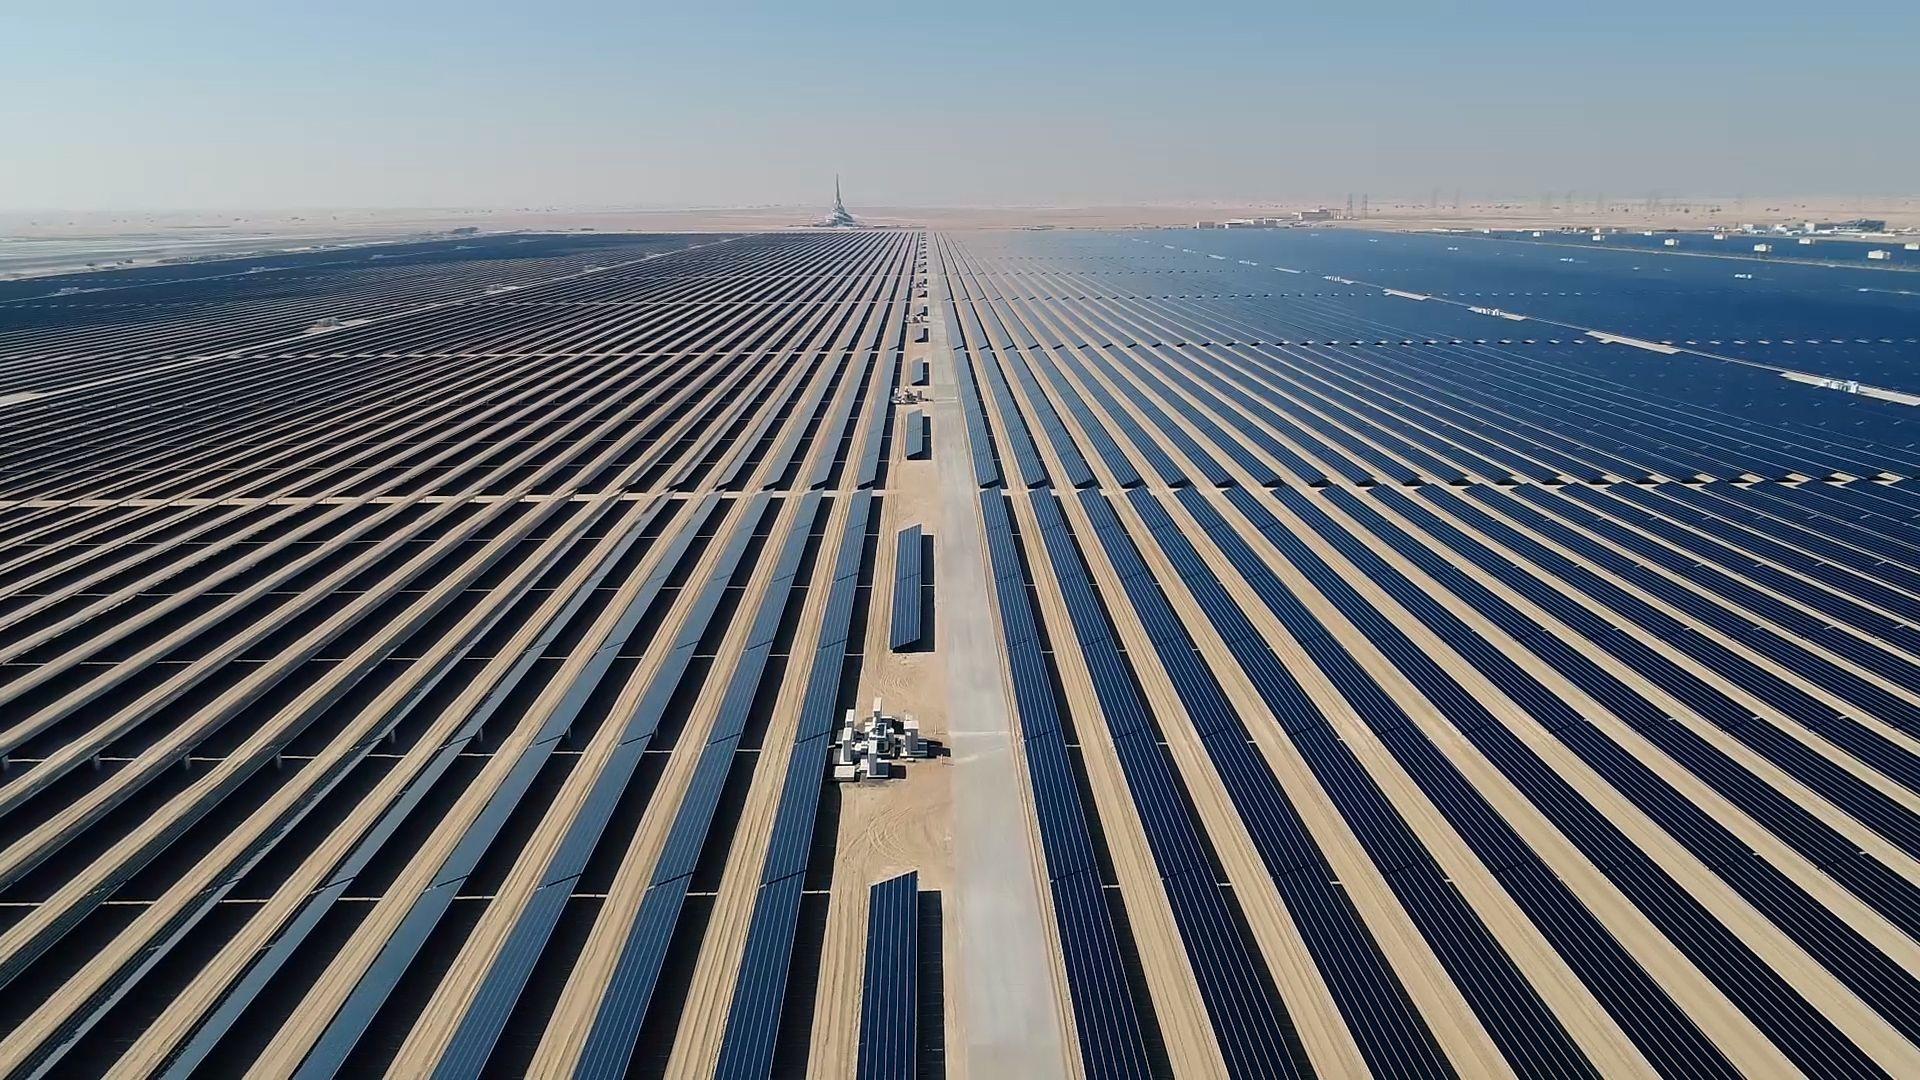 BMW Group se abastece de aluminio producido con energía solar, con un ahorro de CO2 de unos 2,5 millones de toneladas para 2030.